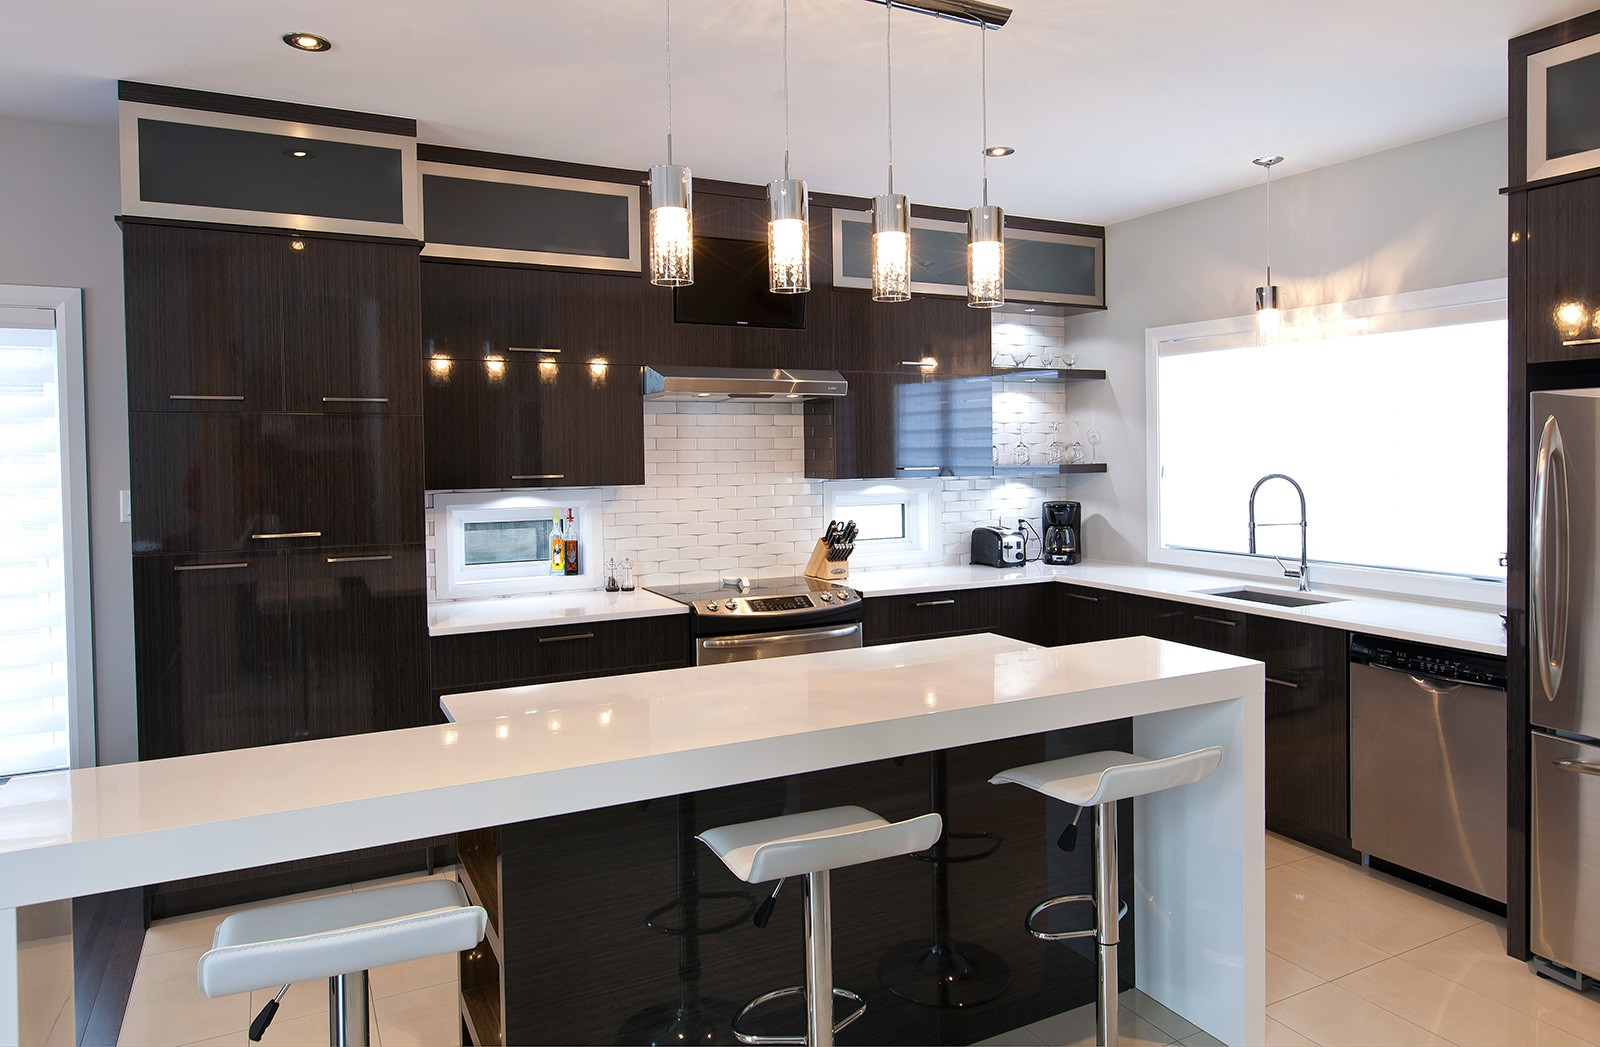 M6 deco cuisine noire cuisine id es de d coration de for Maison deco cuisine